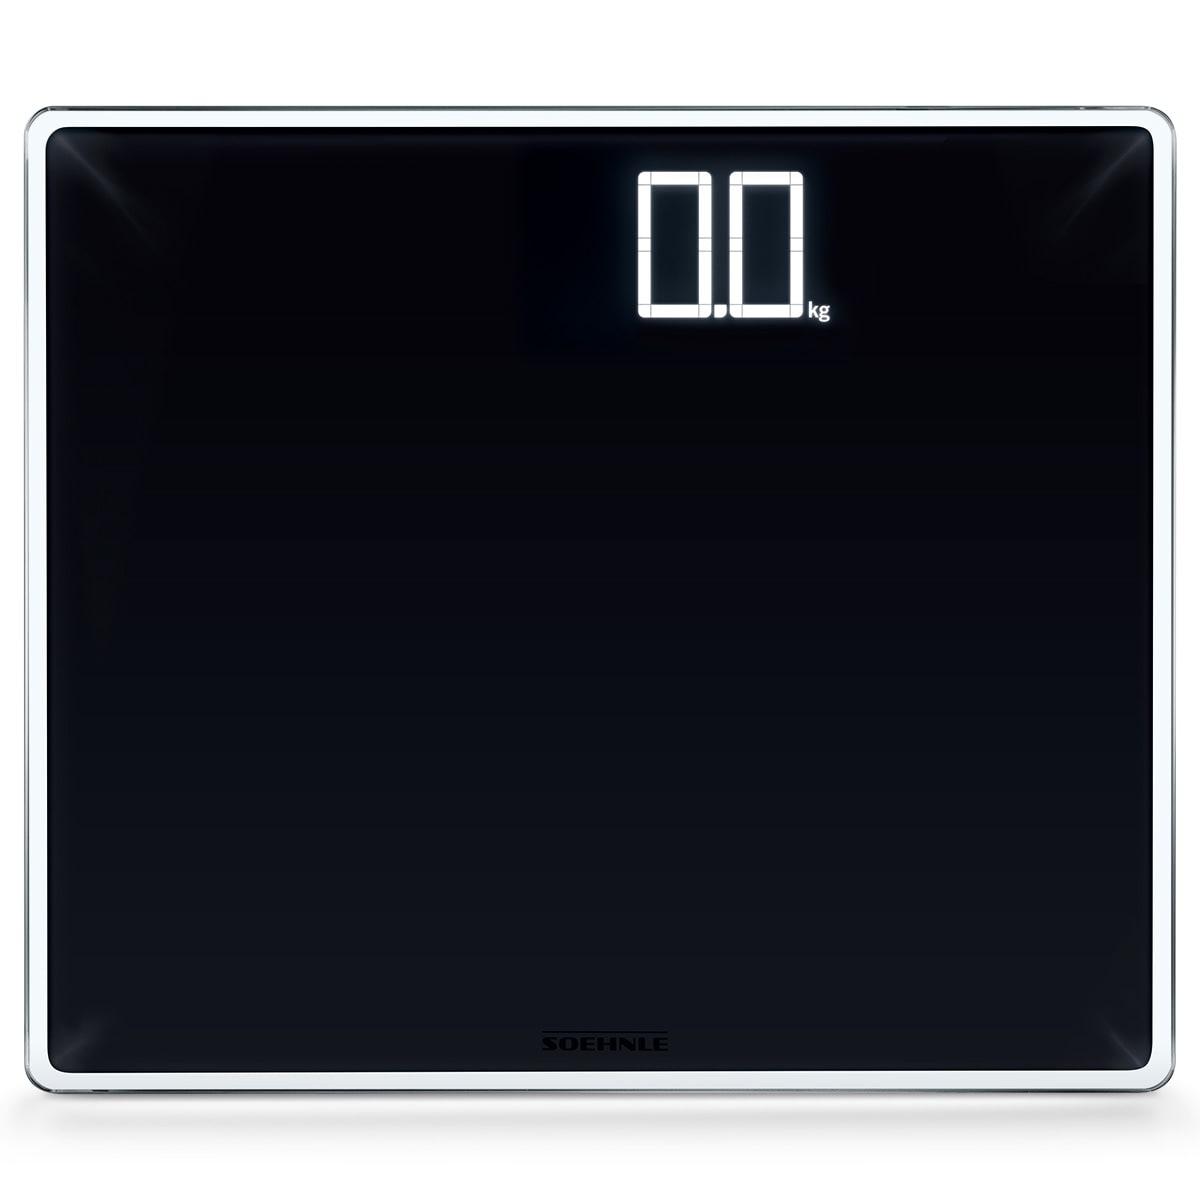 Med hurtig opstart og display der kan aflæses i mørke